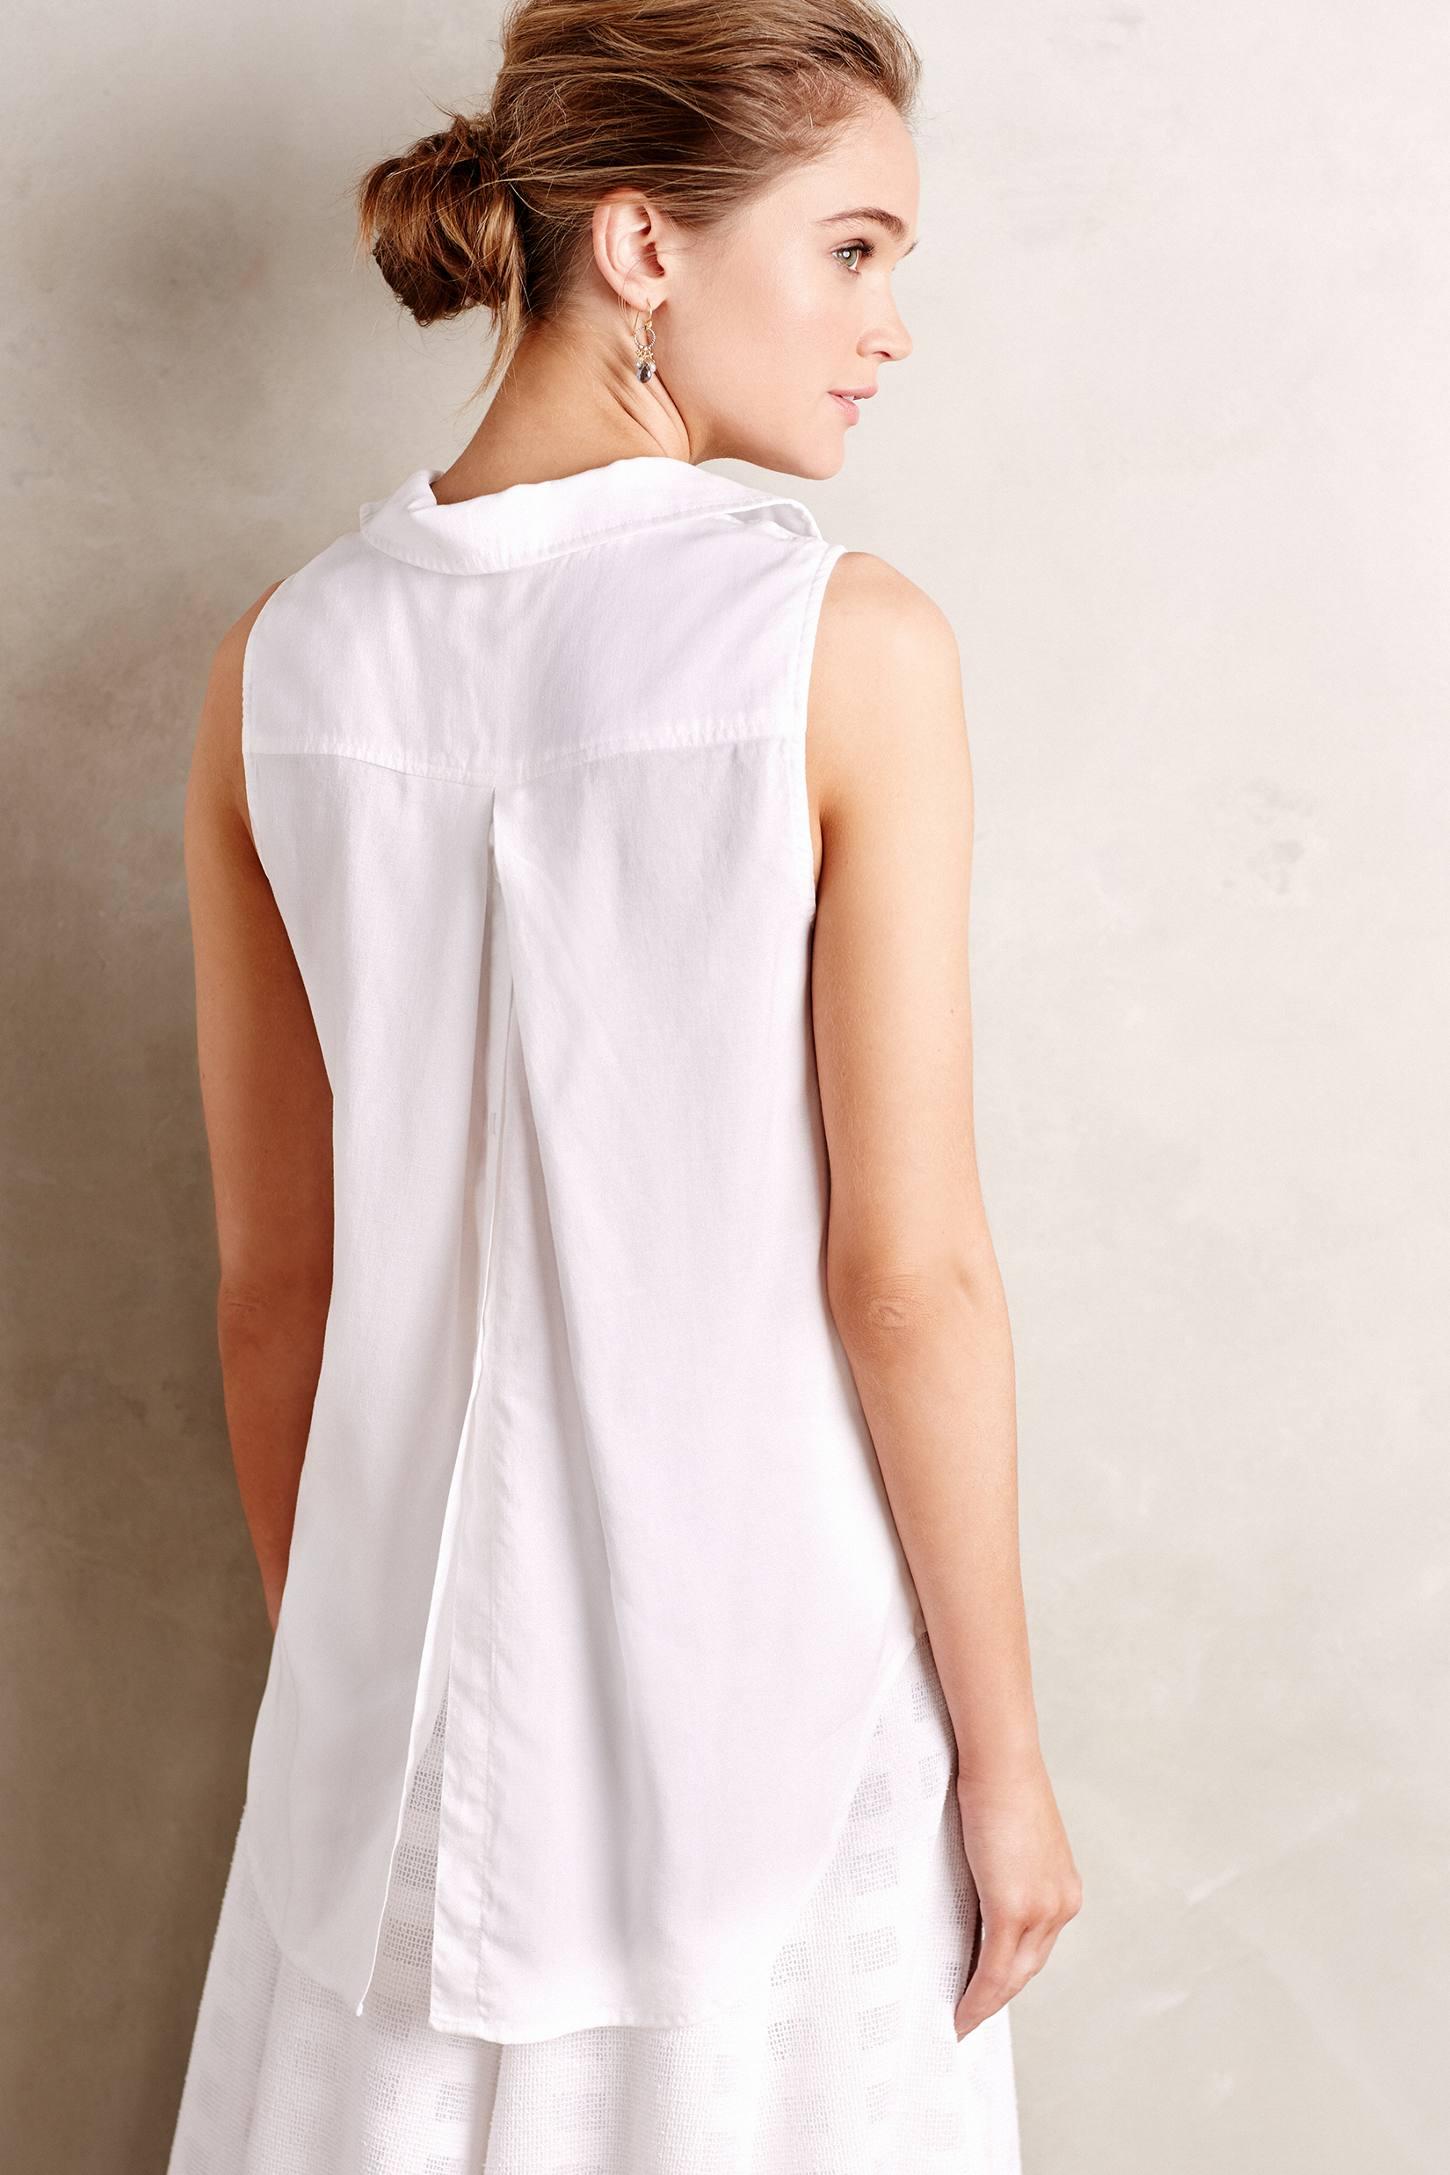 White Blouse Cotton